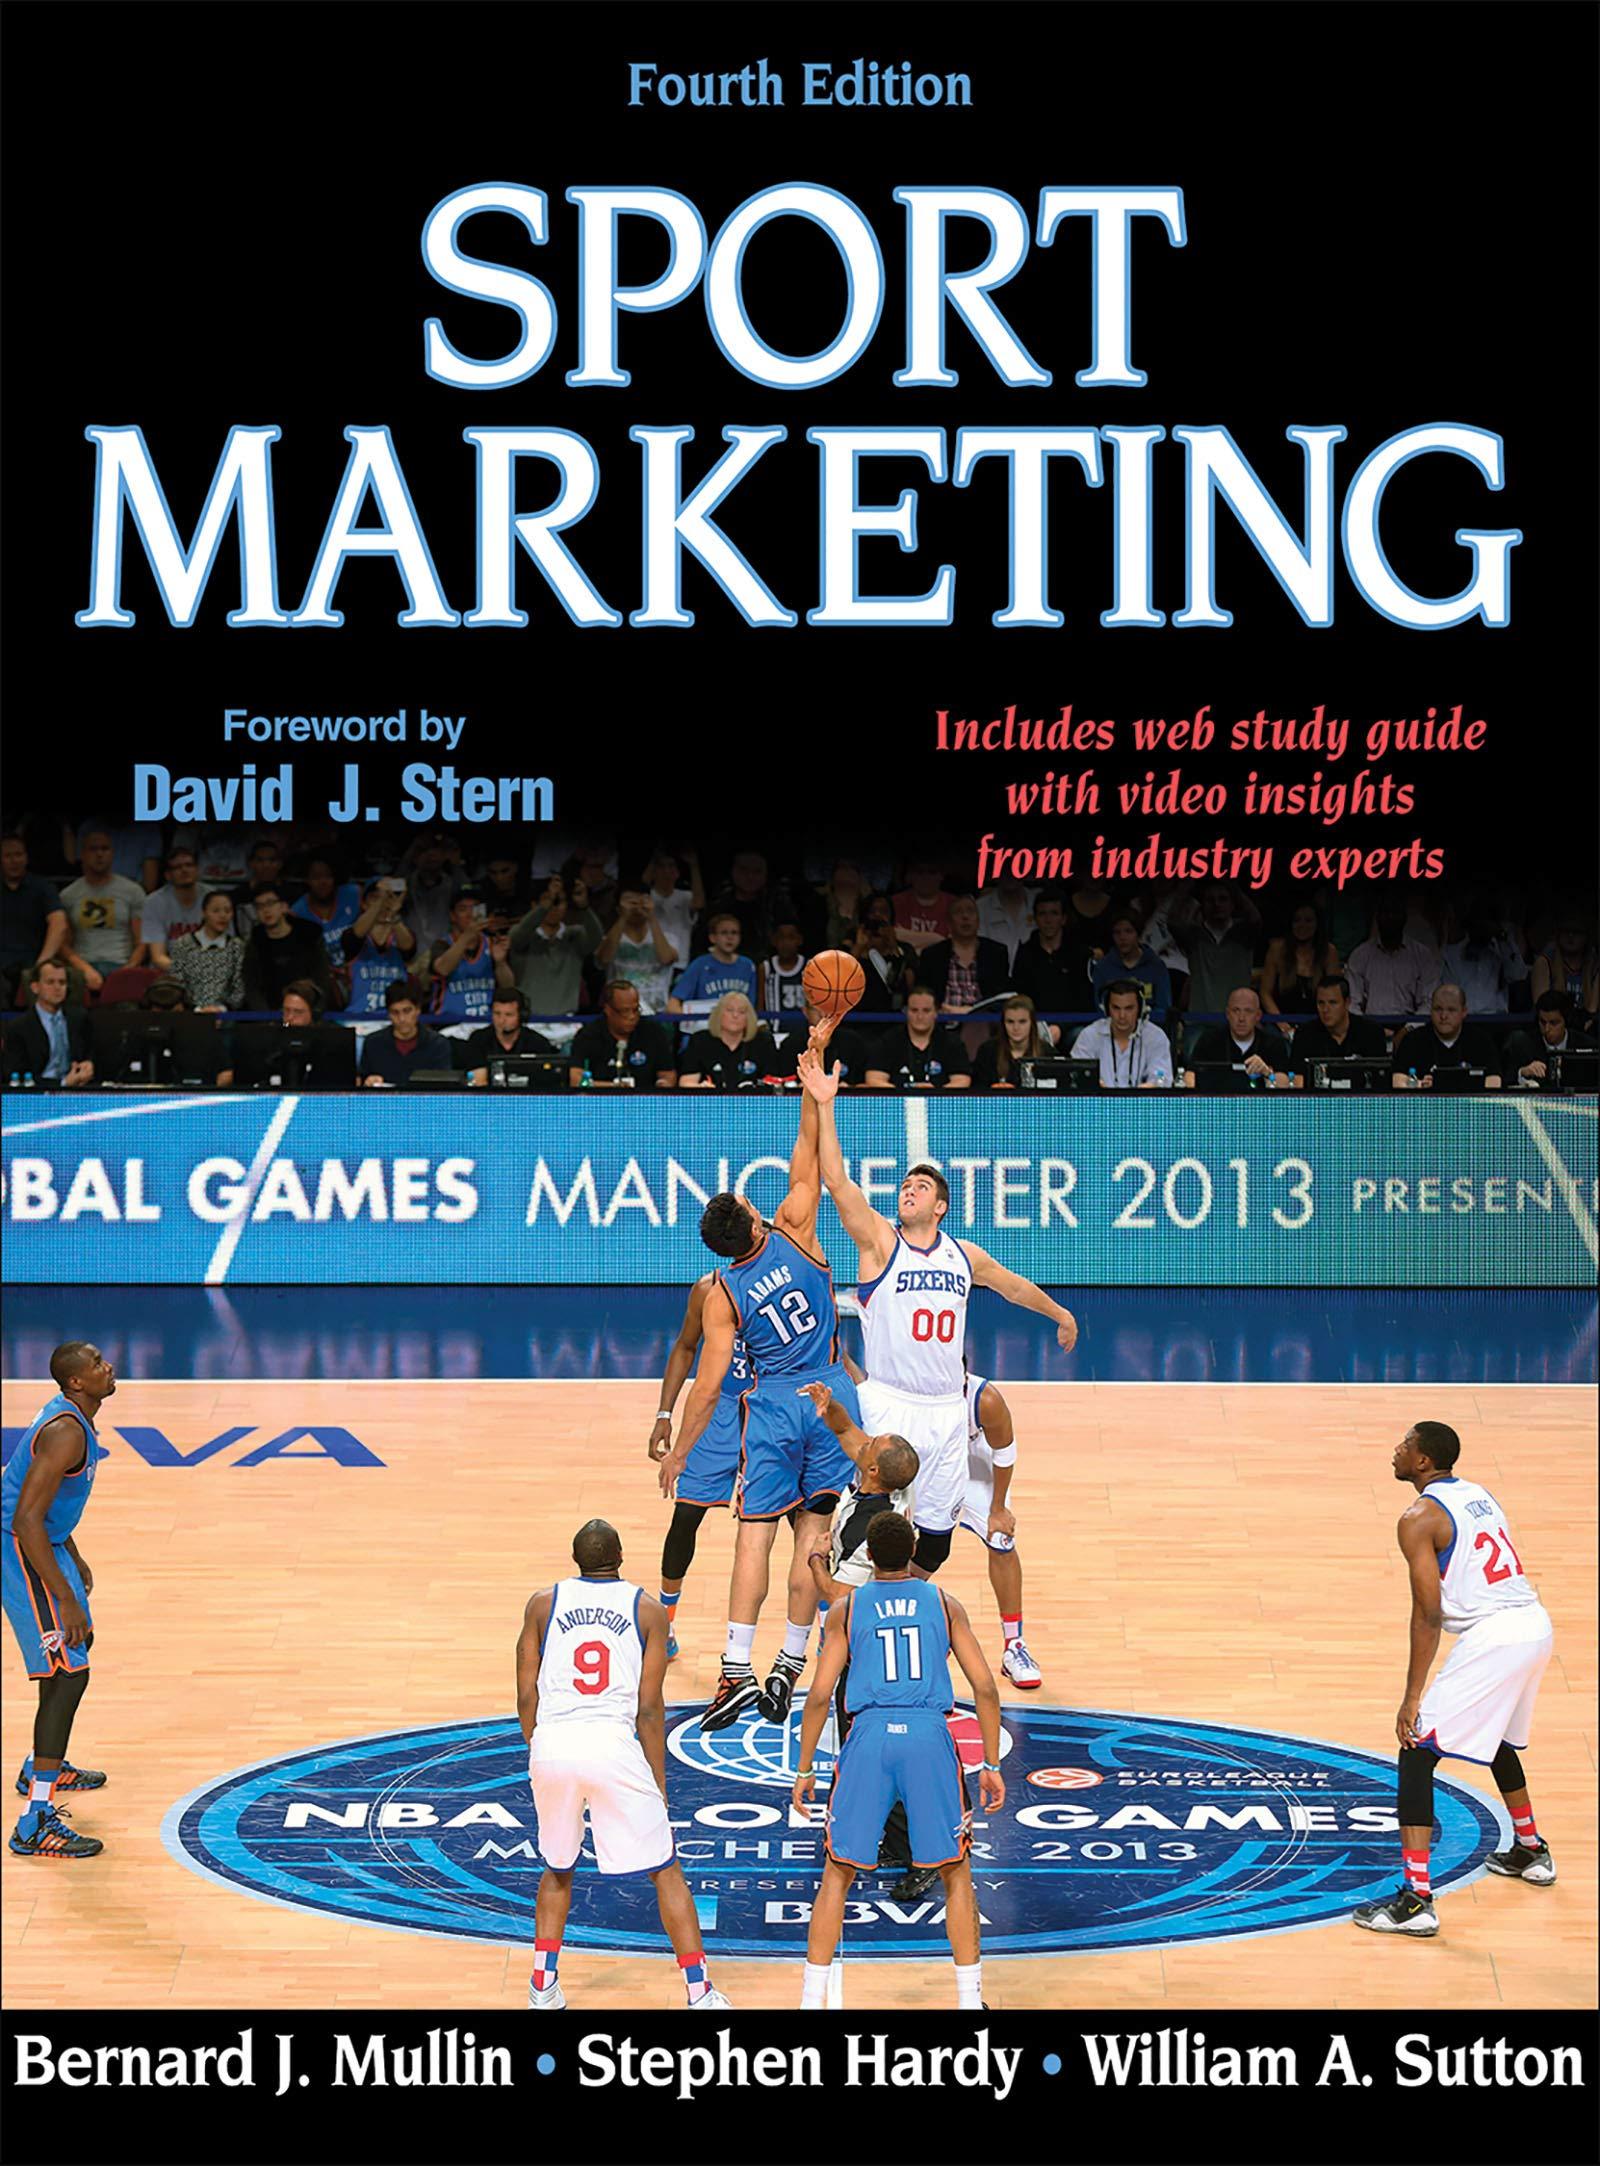 Sport Marketing by Human Kinetics